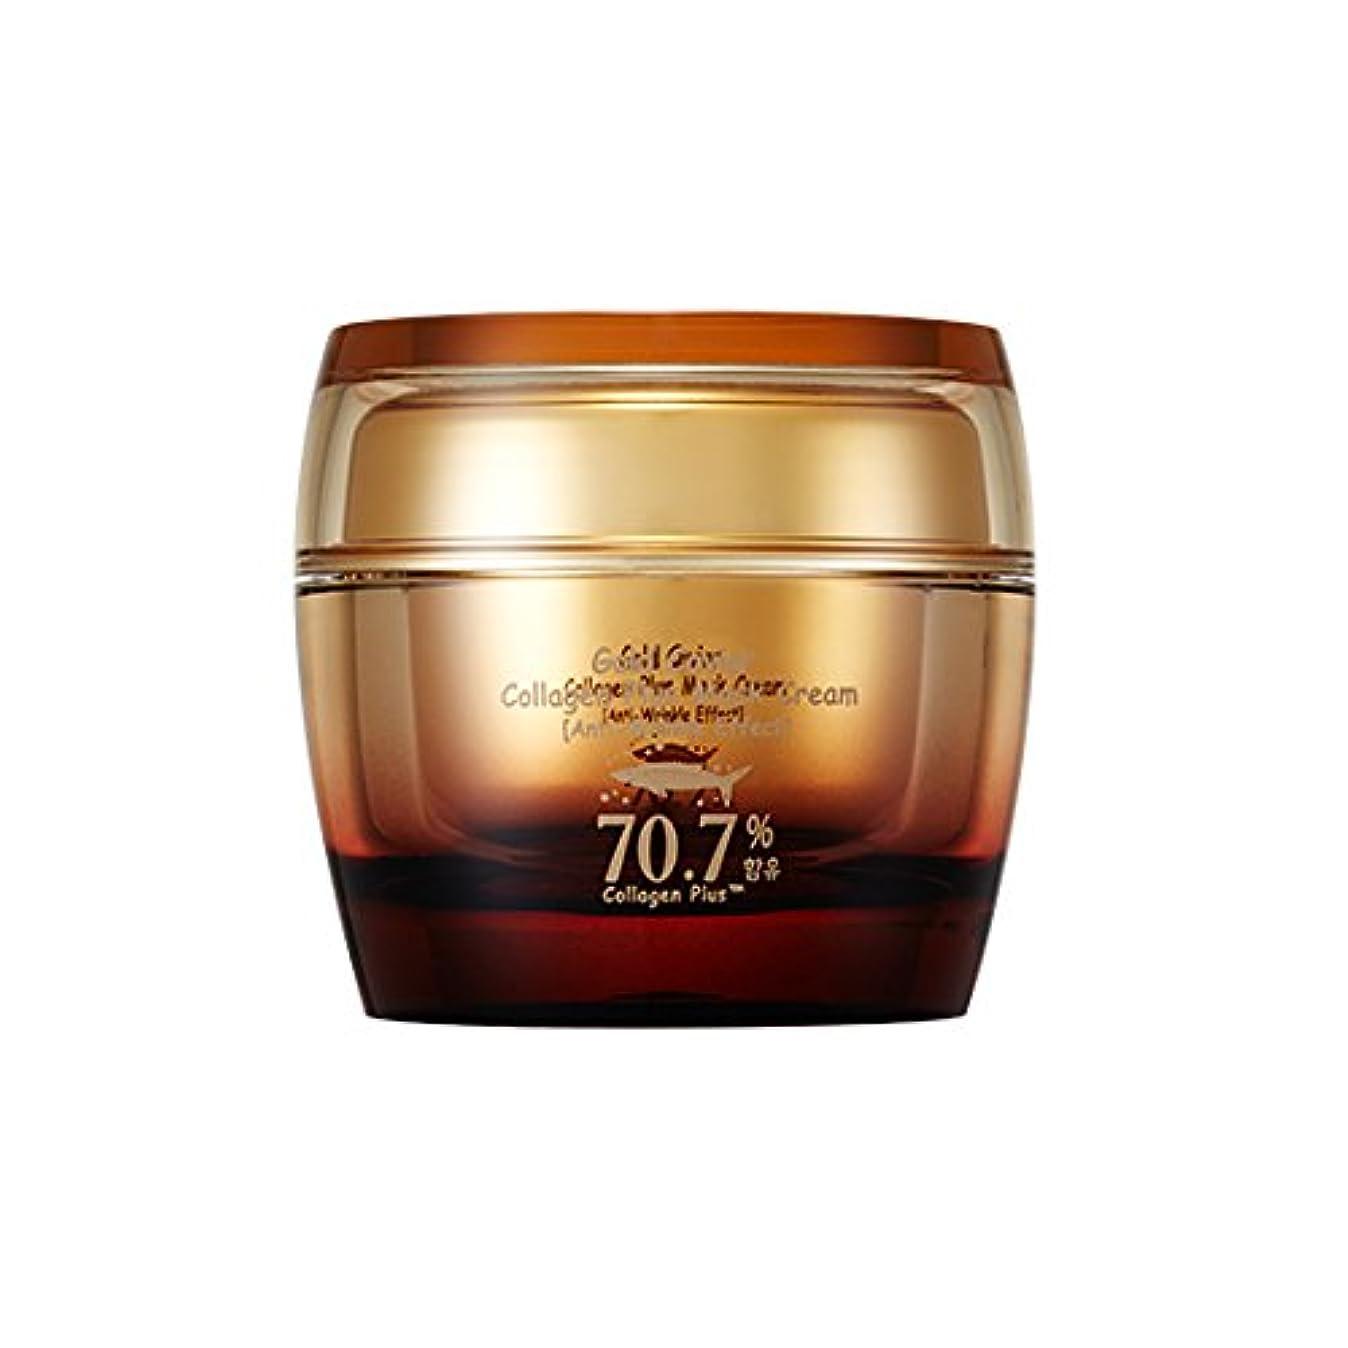 料理栄光の奇跡的なSkinfood ゴールドキャビアコラーゲンプラスクリーム(しわ防止効果) / Gold Caviar Collagen Plus Cream (Anti-Wrinkle Effect) 50g [並行輸入品]